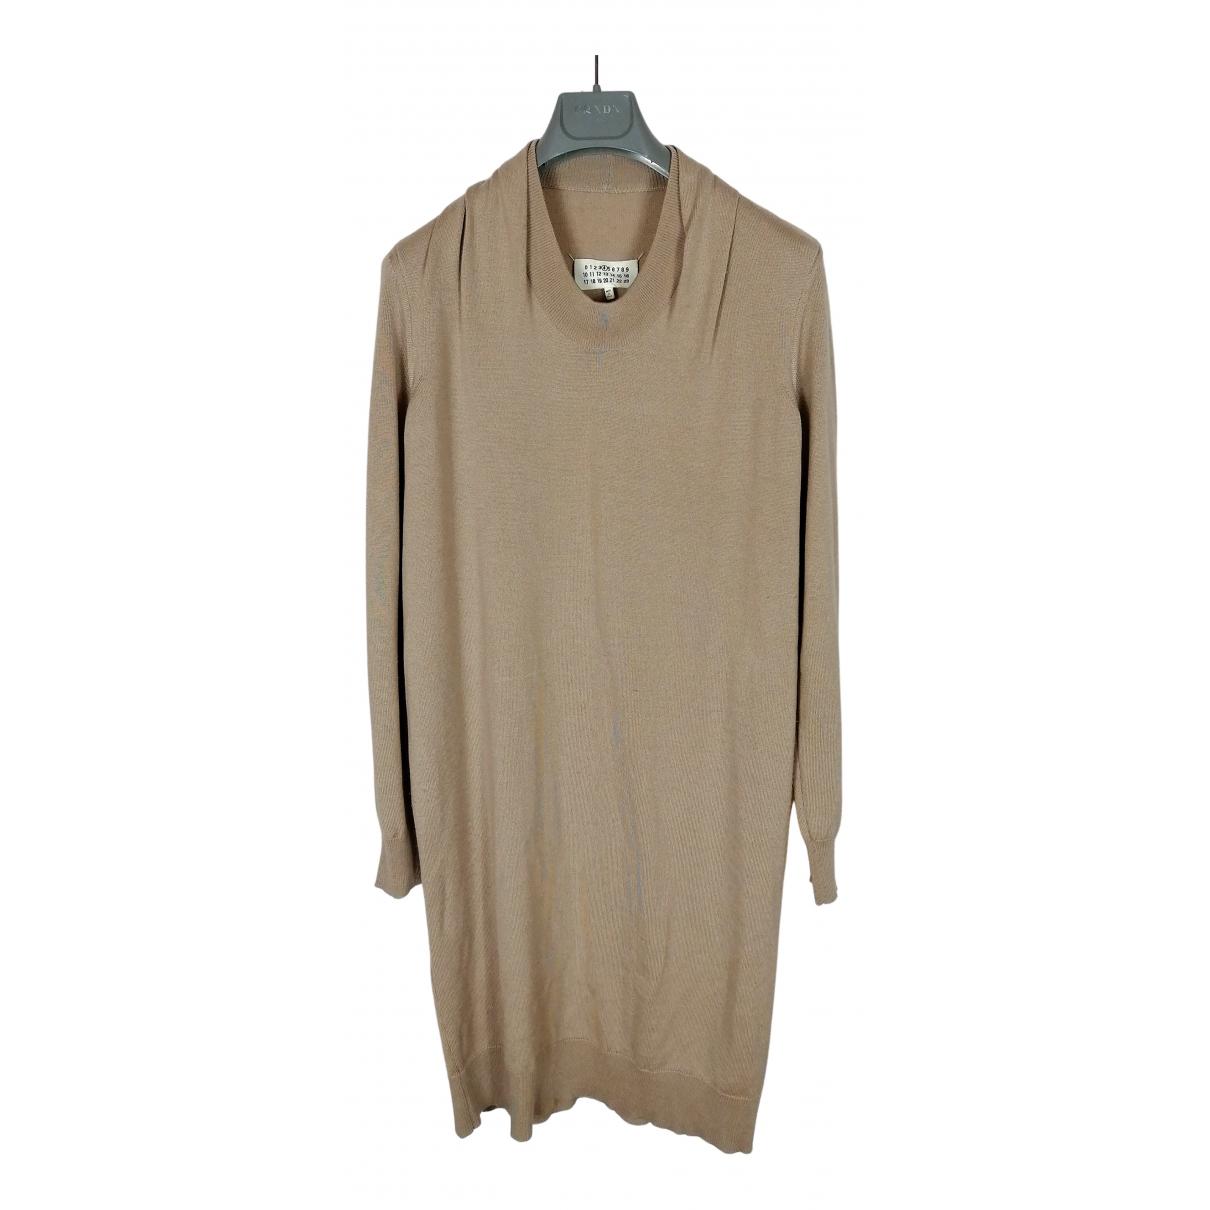 Maison Martin Margiela - Robe   pour femme en laine - beige